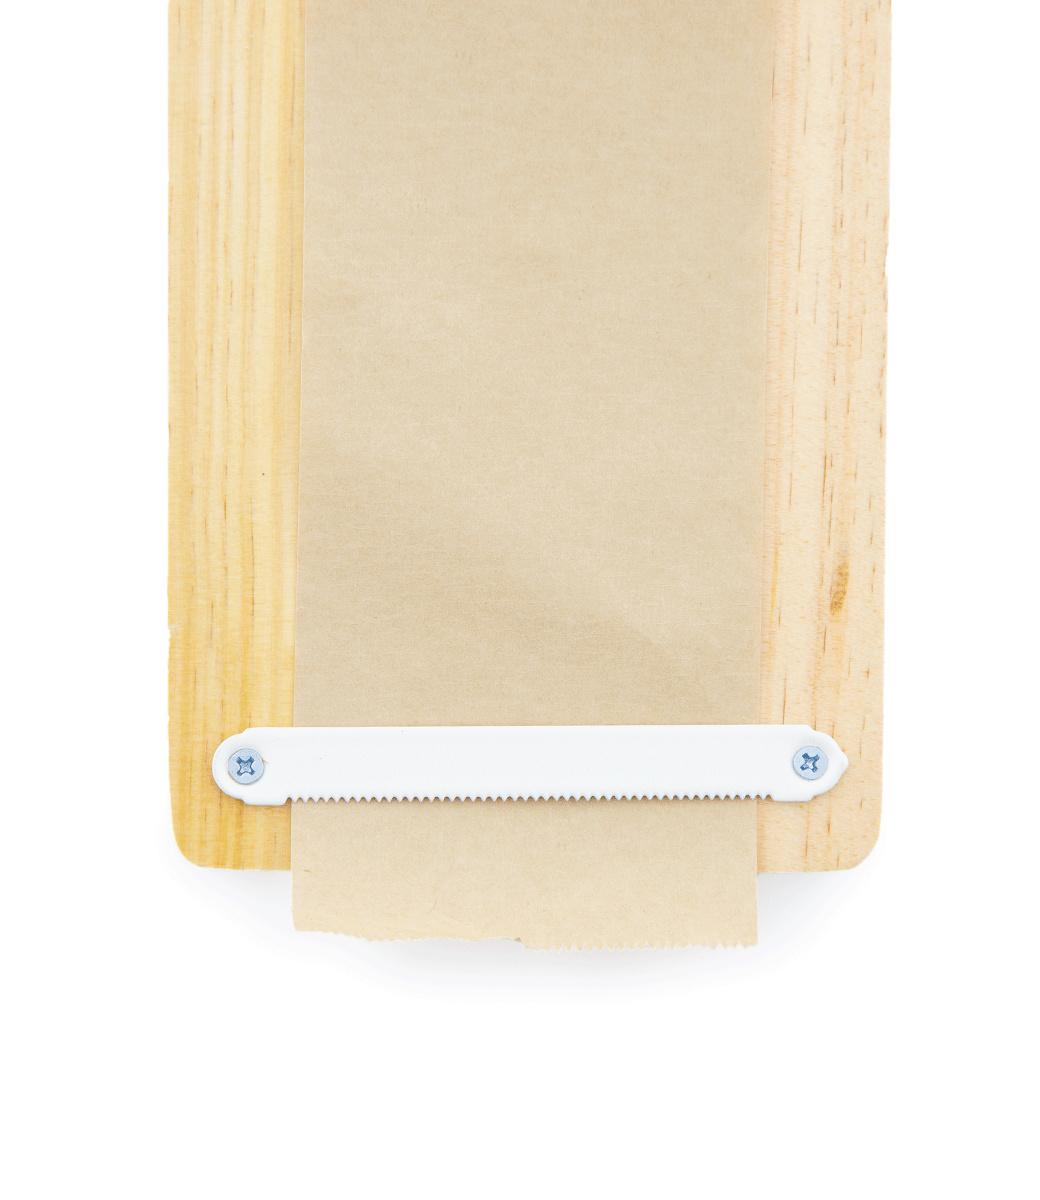 Kraft Paper Roller S - White-6